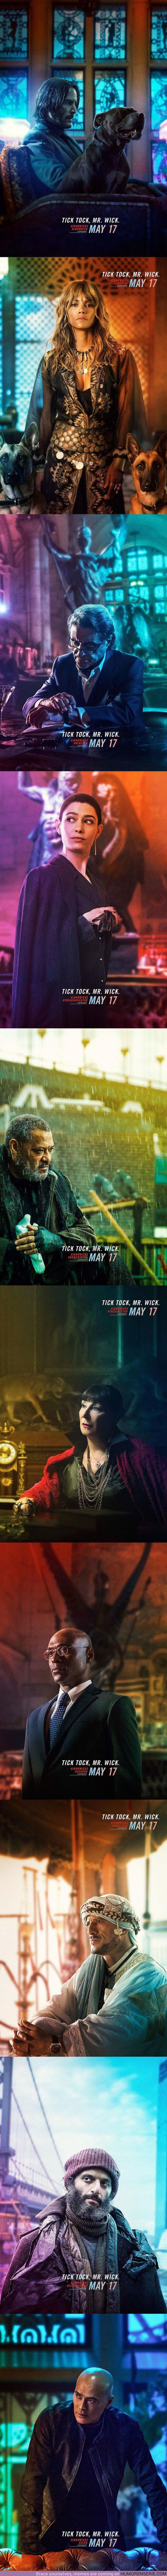 36296 - GALERÍA: Ya puedes ver aquí los nuevos pósters de John Wick 3